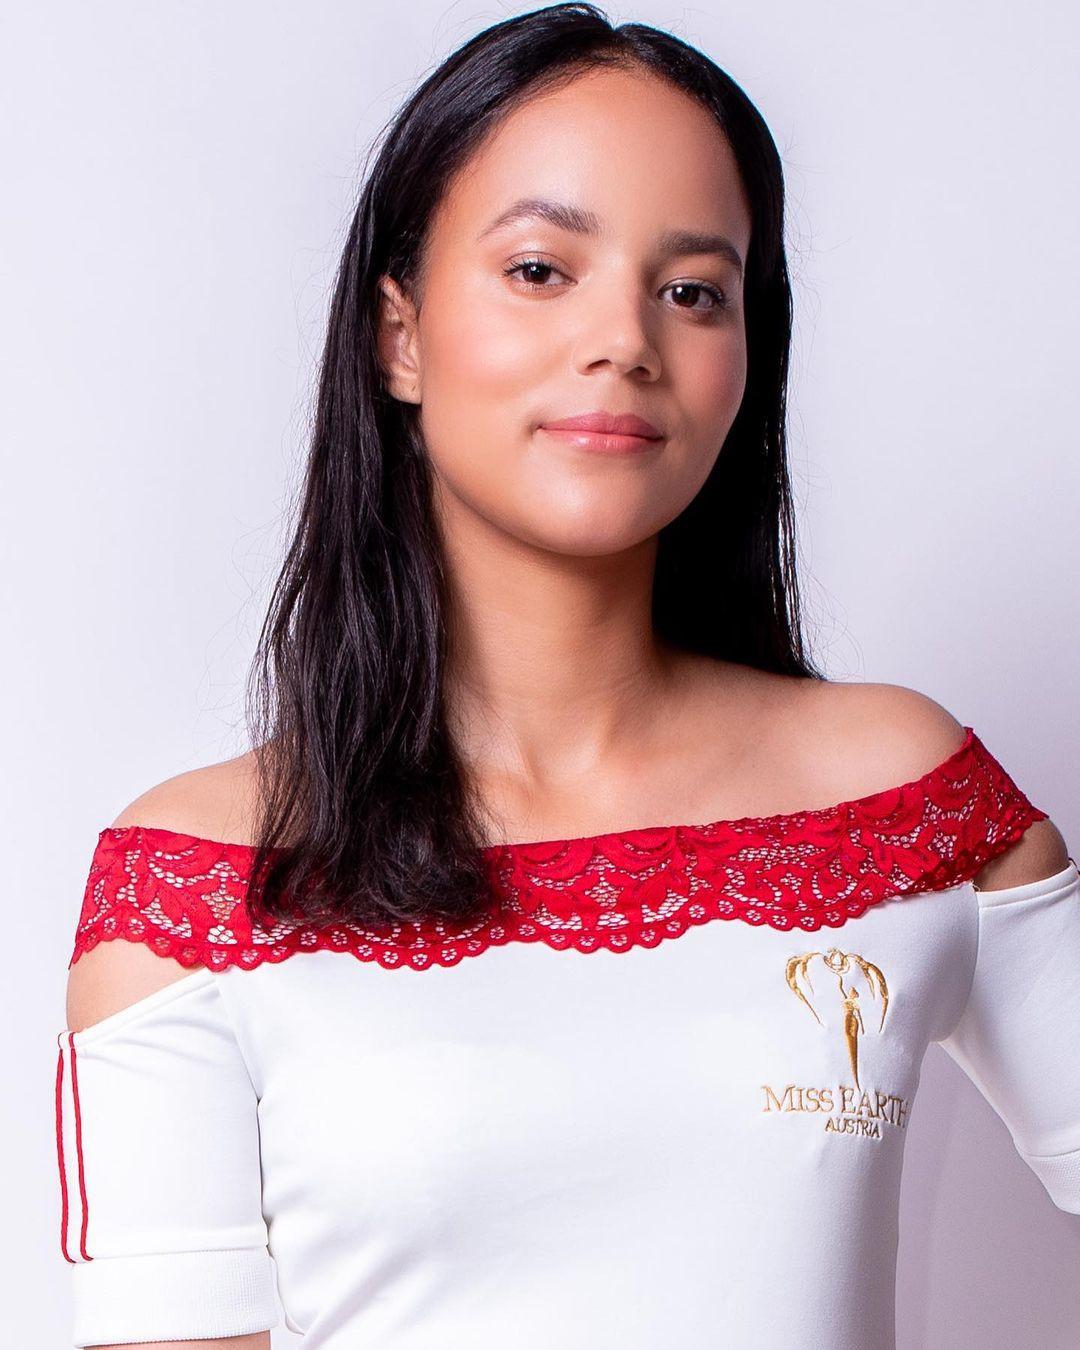 candidatas a miss earth austria 2021. final: 29 de agosto. R0tXdN